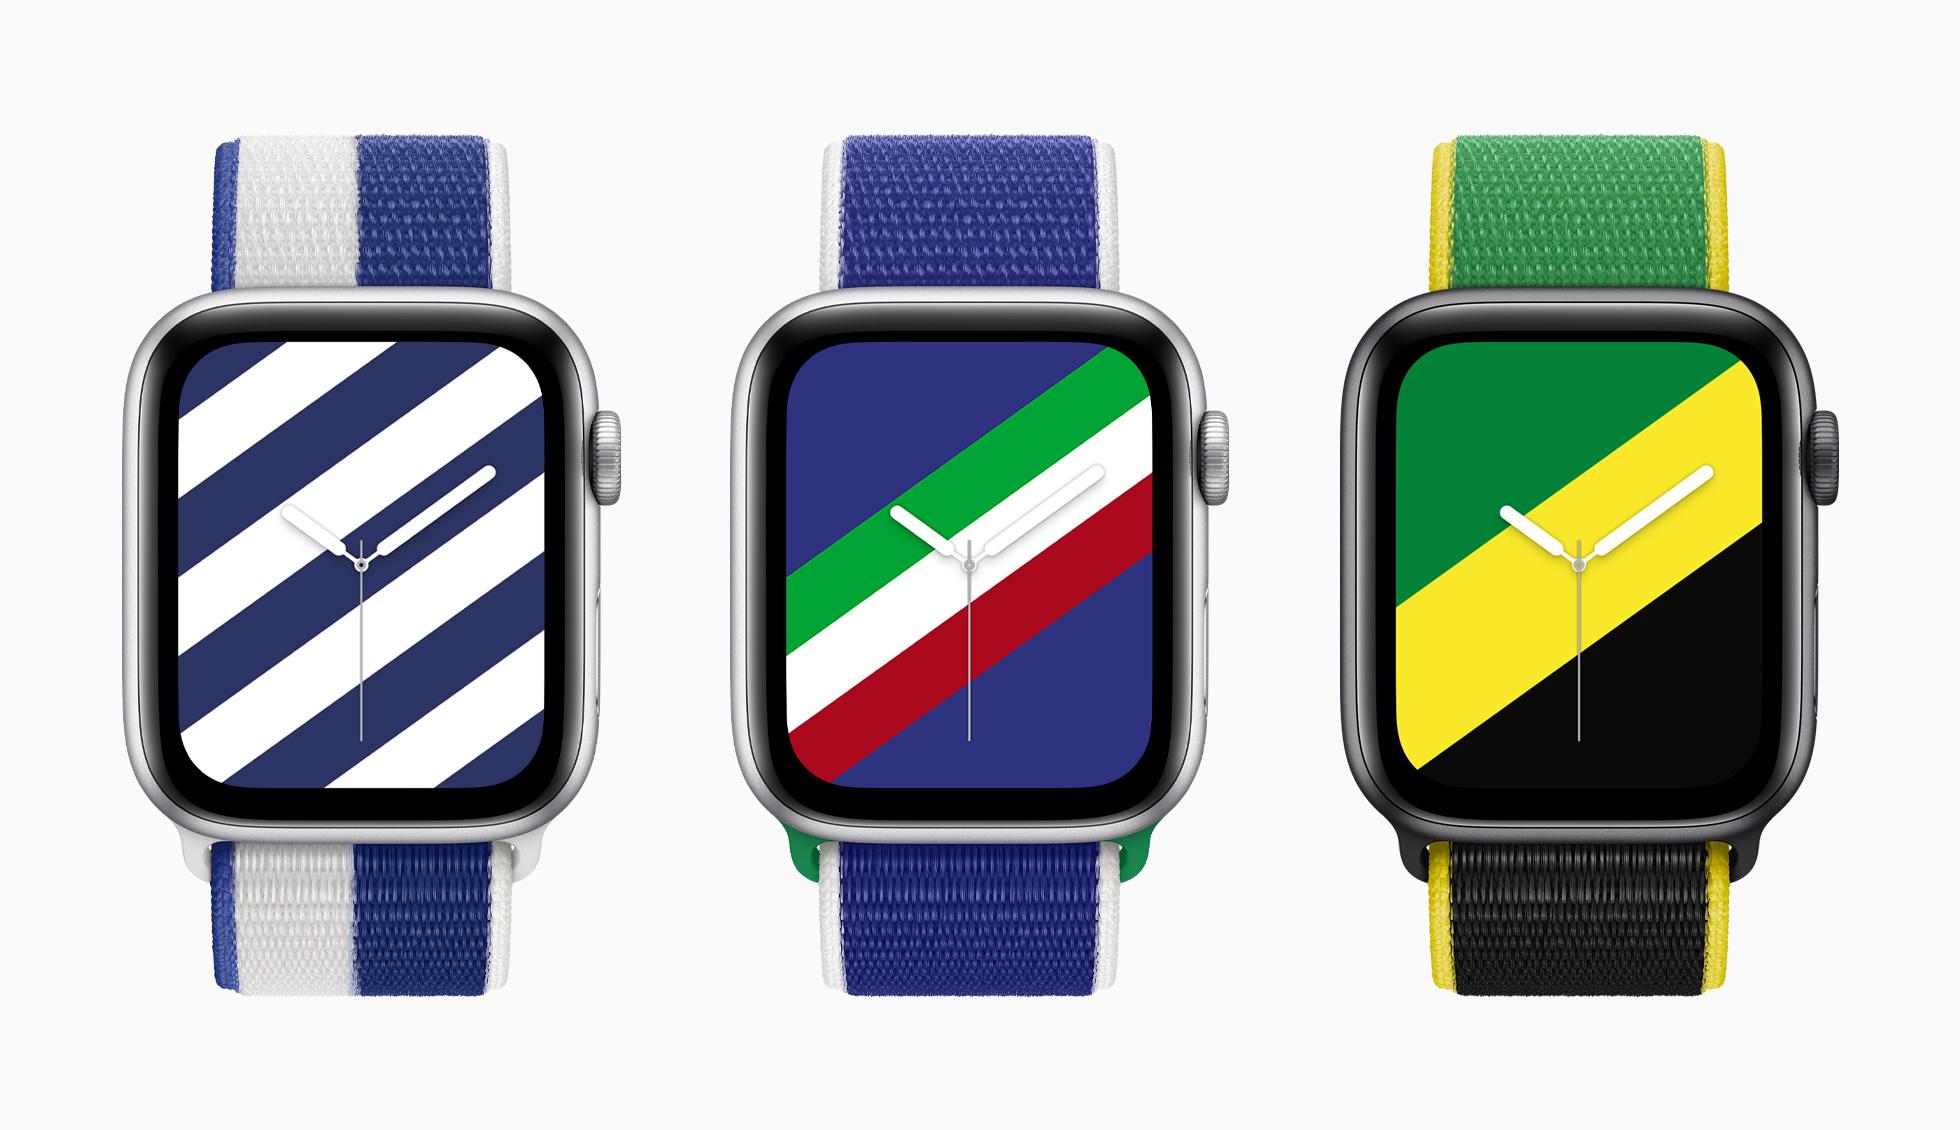 مجموعة جديدة من أحزمة ساعات Apple الدولية للشخصية الرياضية